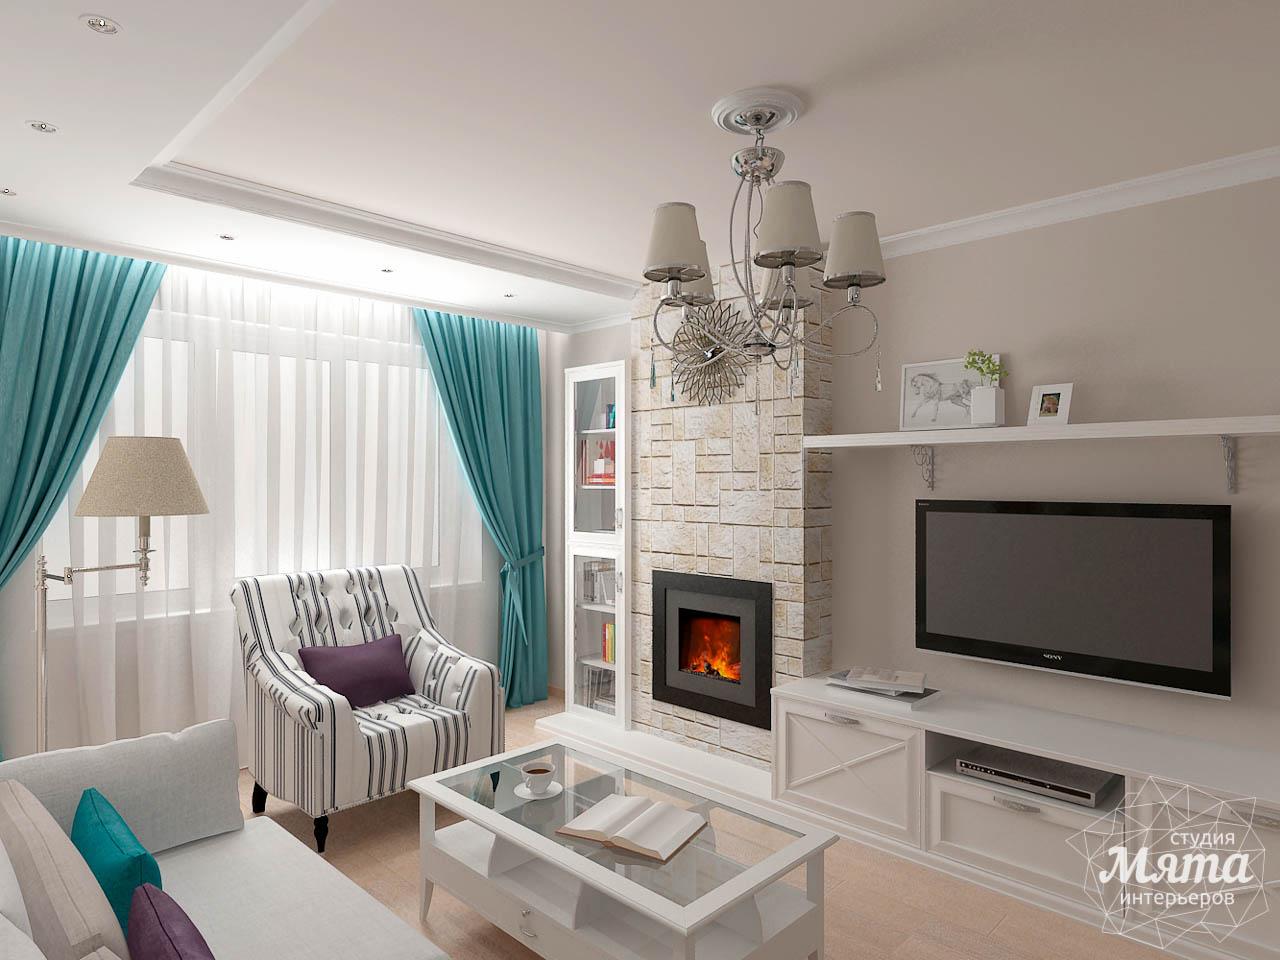 Дизайн интерьера двухкомнатной квартиры по ул. Шаумяна 93 img1968162445